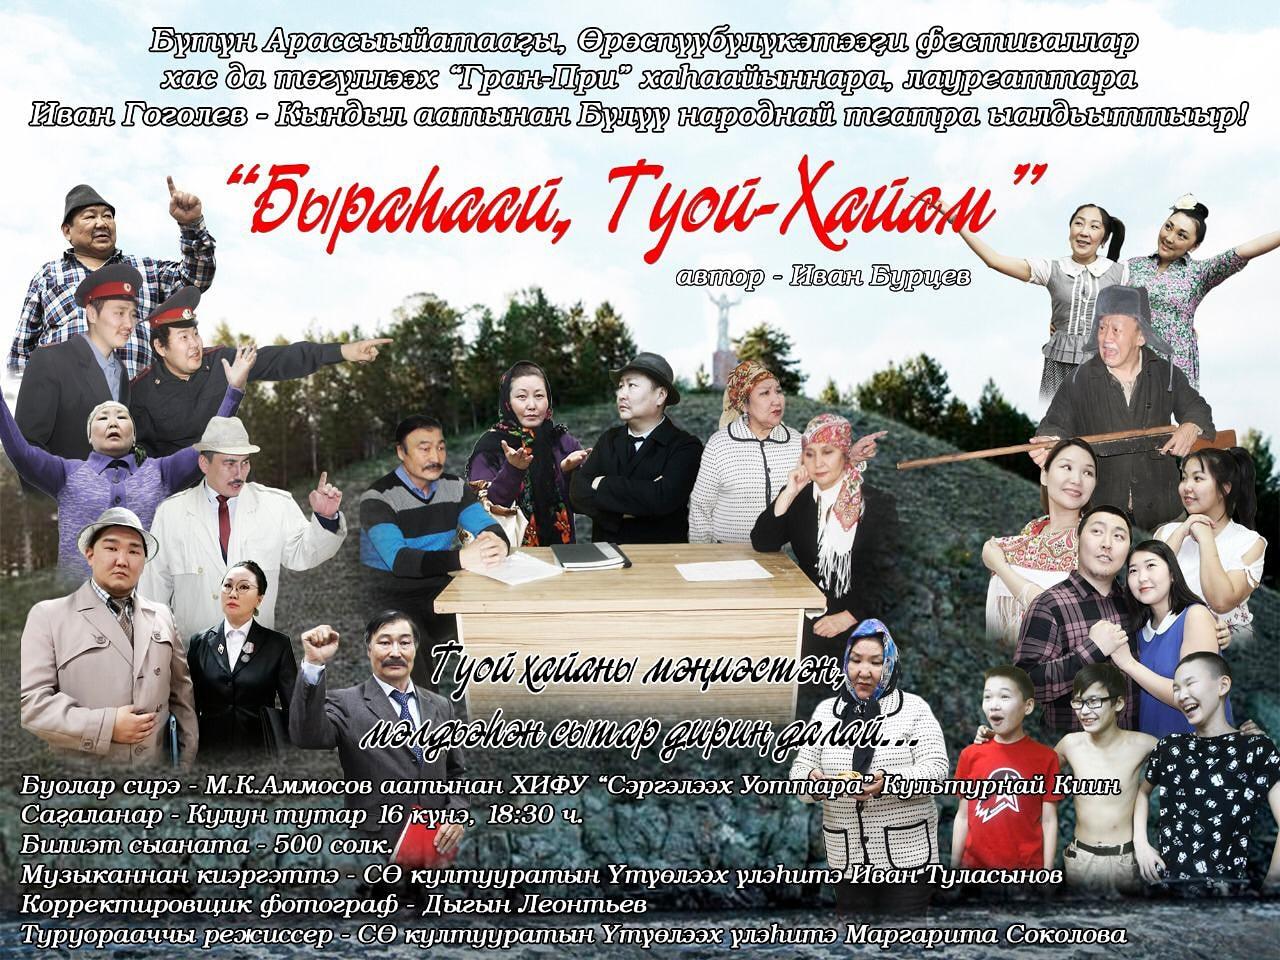 Эколог, суруналыыс Иван БУРЦЕВ «Быраһаай, Туой Хайам!» айымньытынан спектакльга ыҥырабыт!